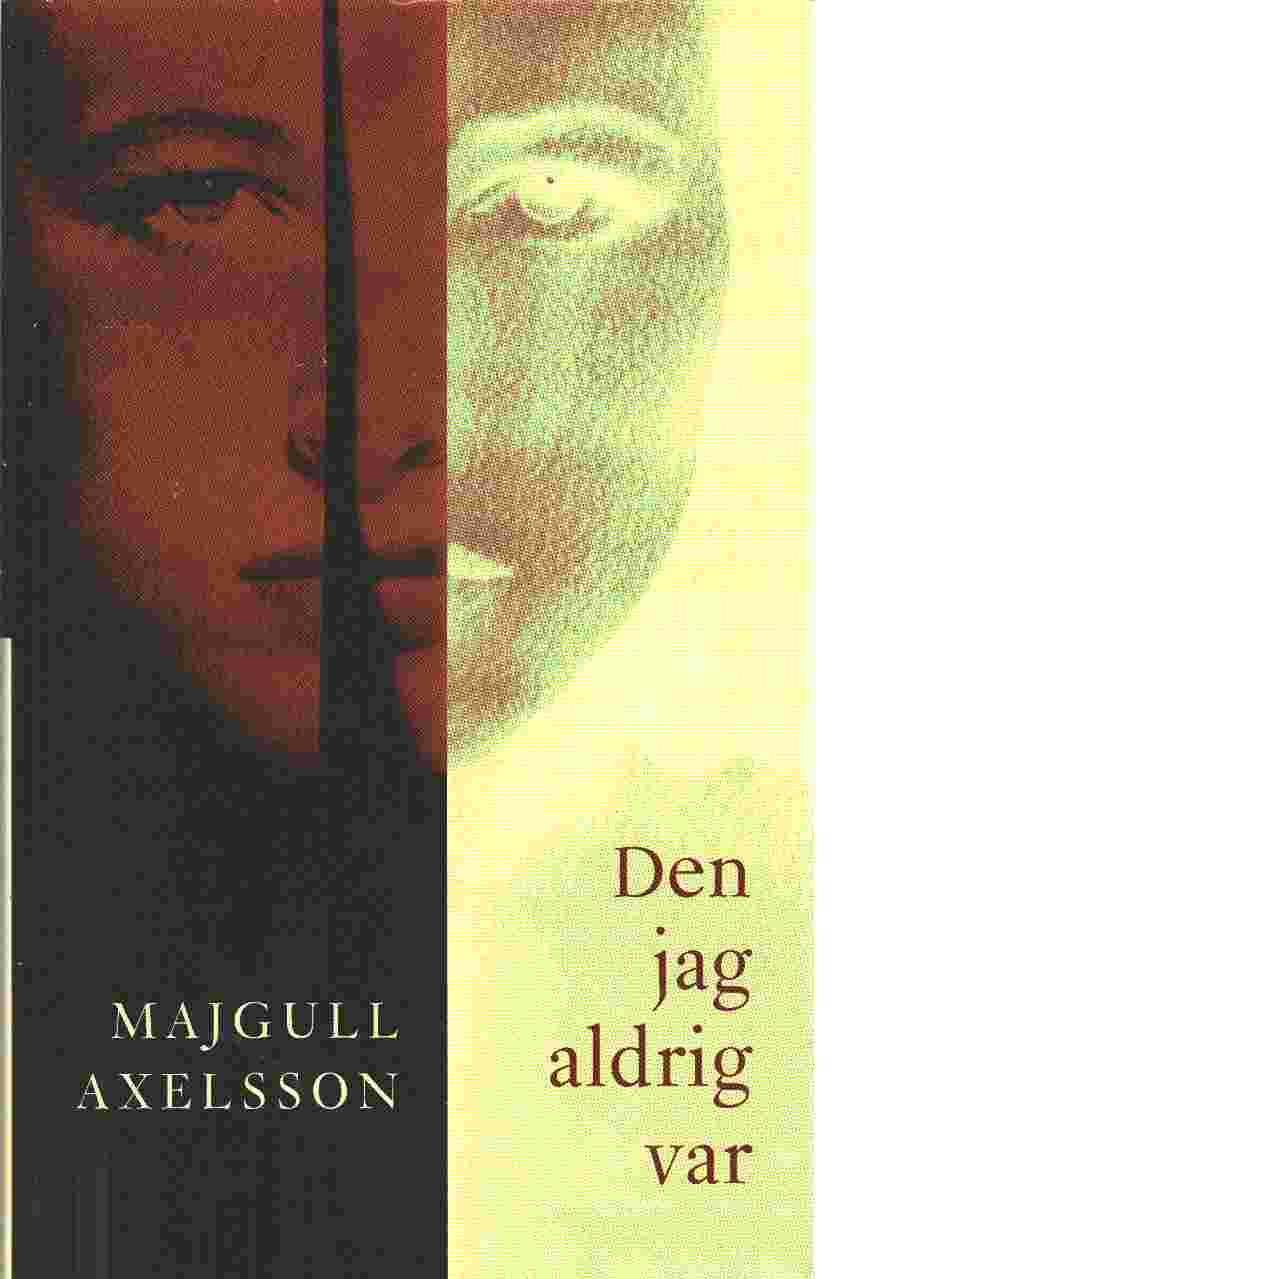 Den jag aldrig var - Axelsson, Majgull